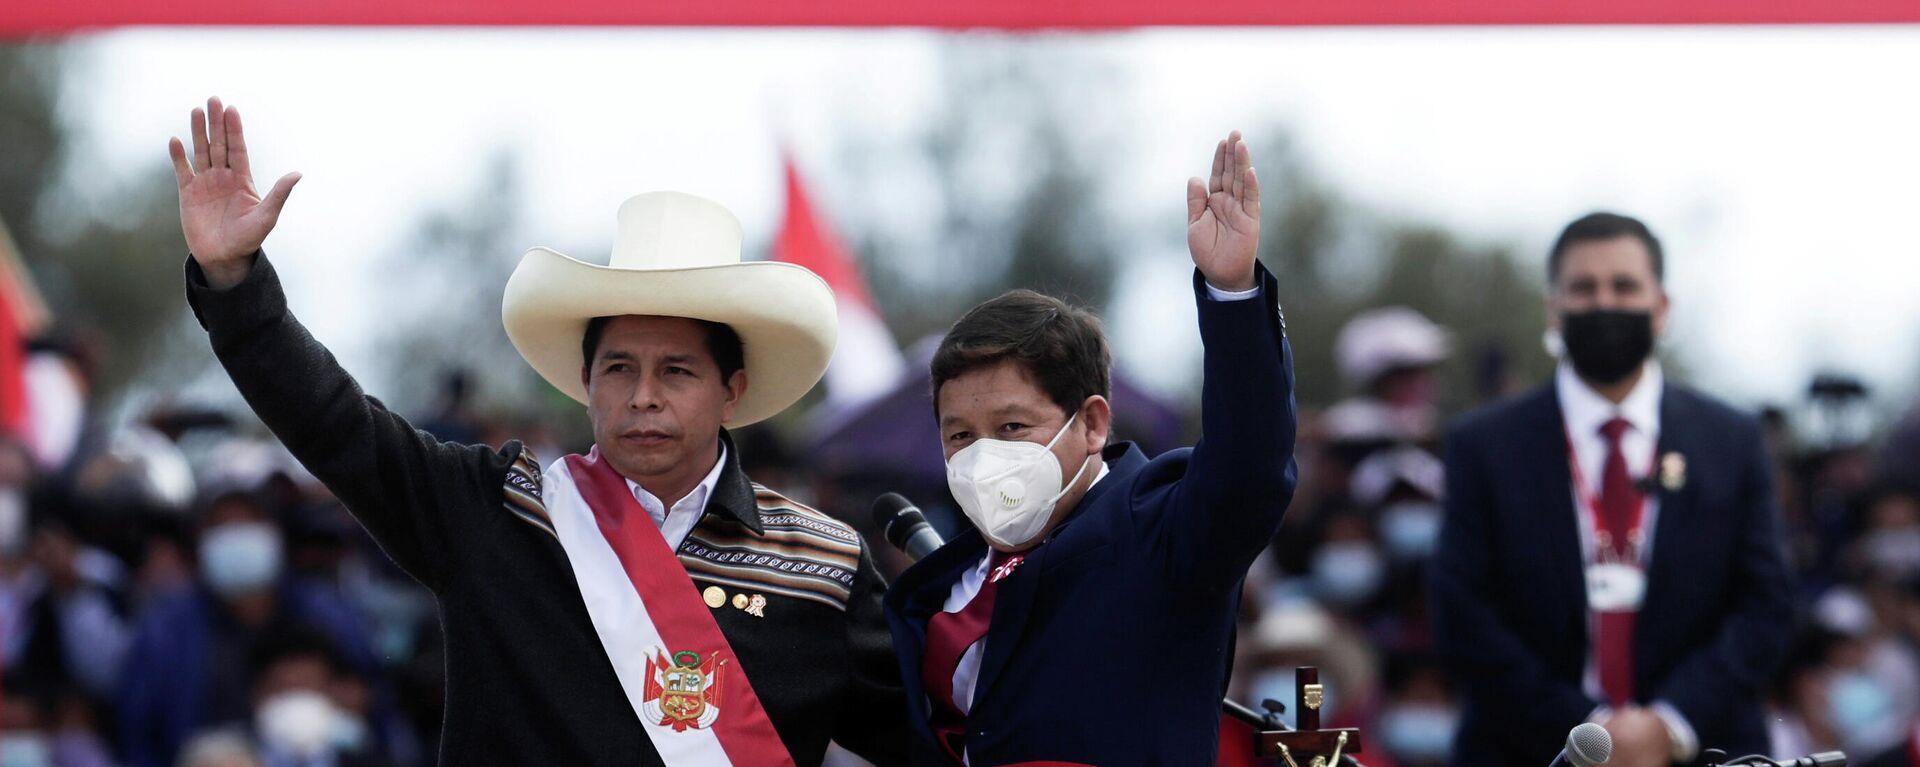 El presidente de Perú, Pedro Castillo, y el ex primer ministro de Perú, Guido Bellido - Sputnik Mundo, 1920, 07.10.2021